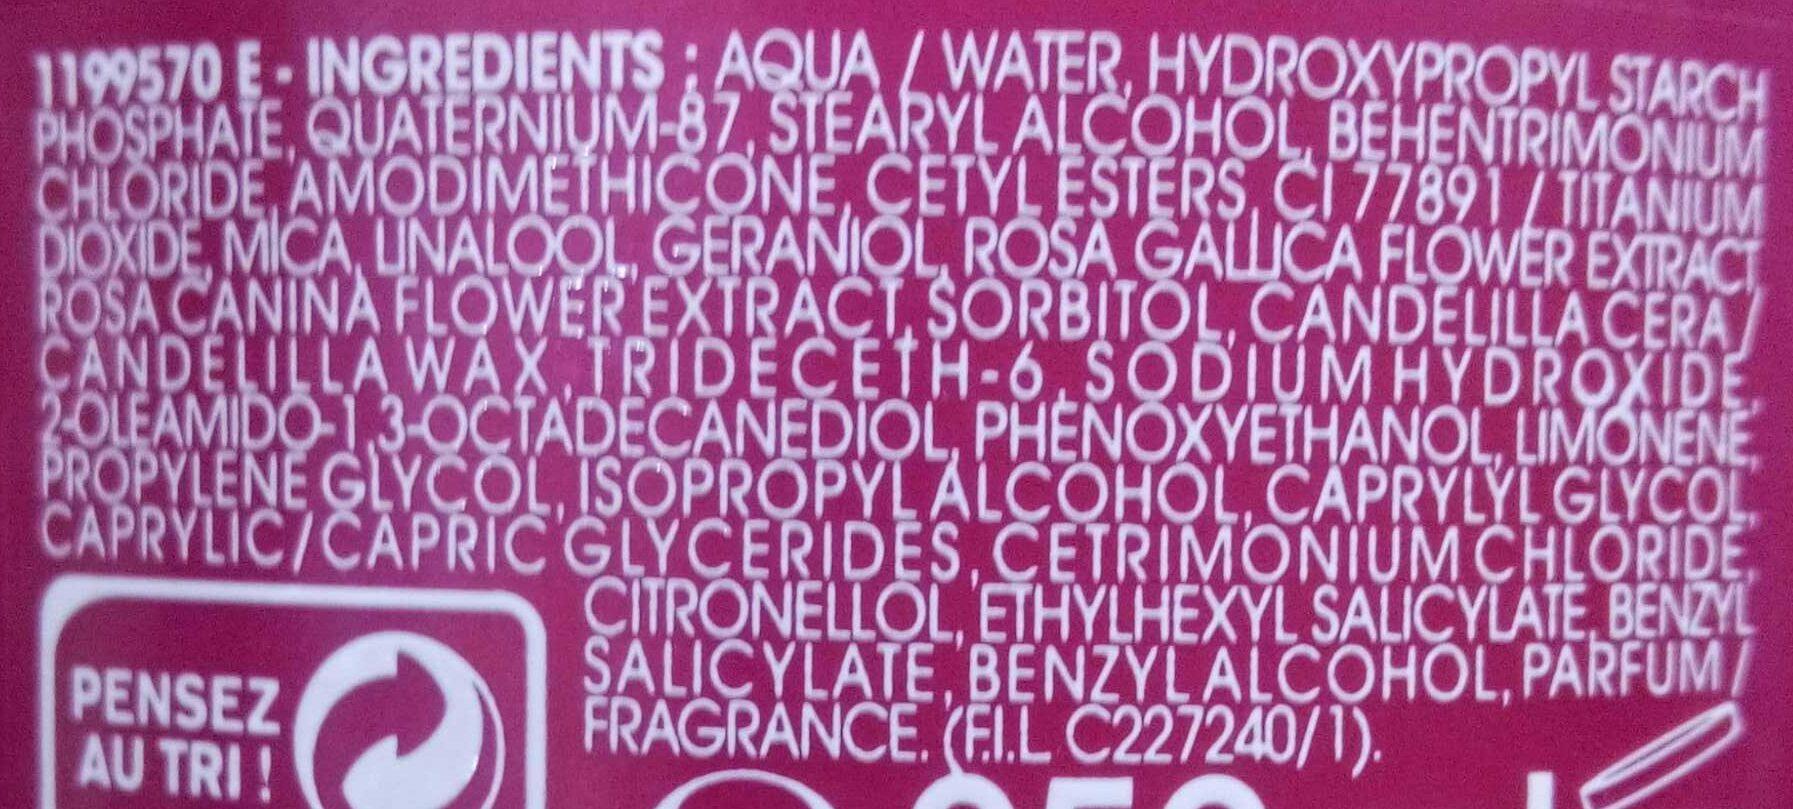 Réveil'Color Rose Précieuse - Ingrédients